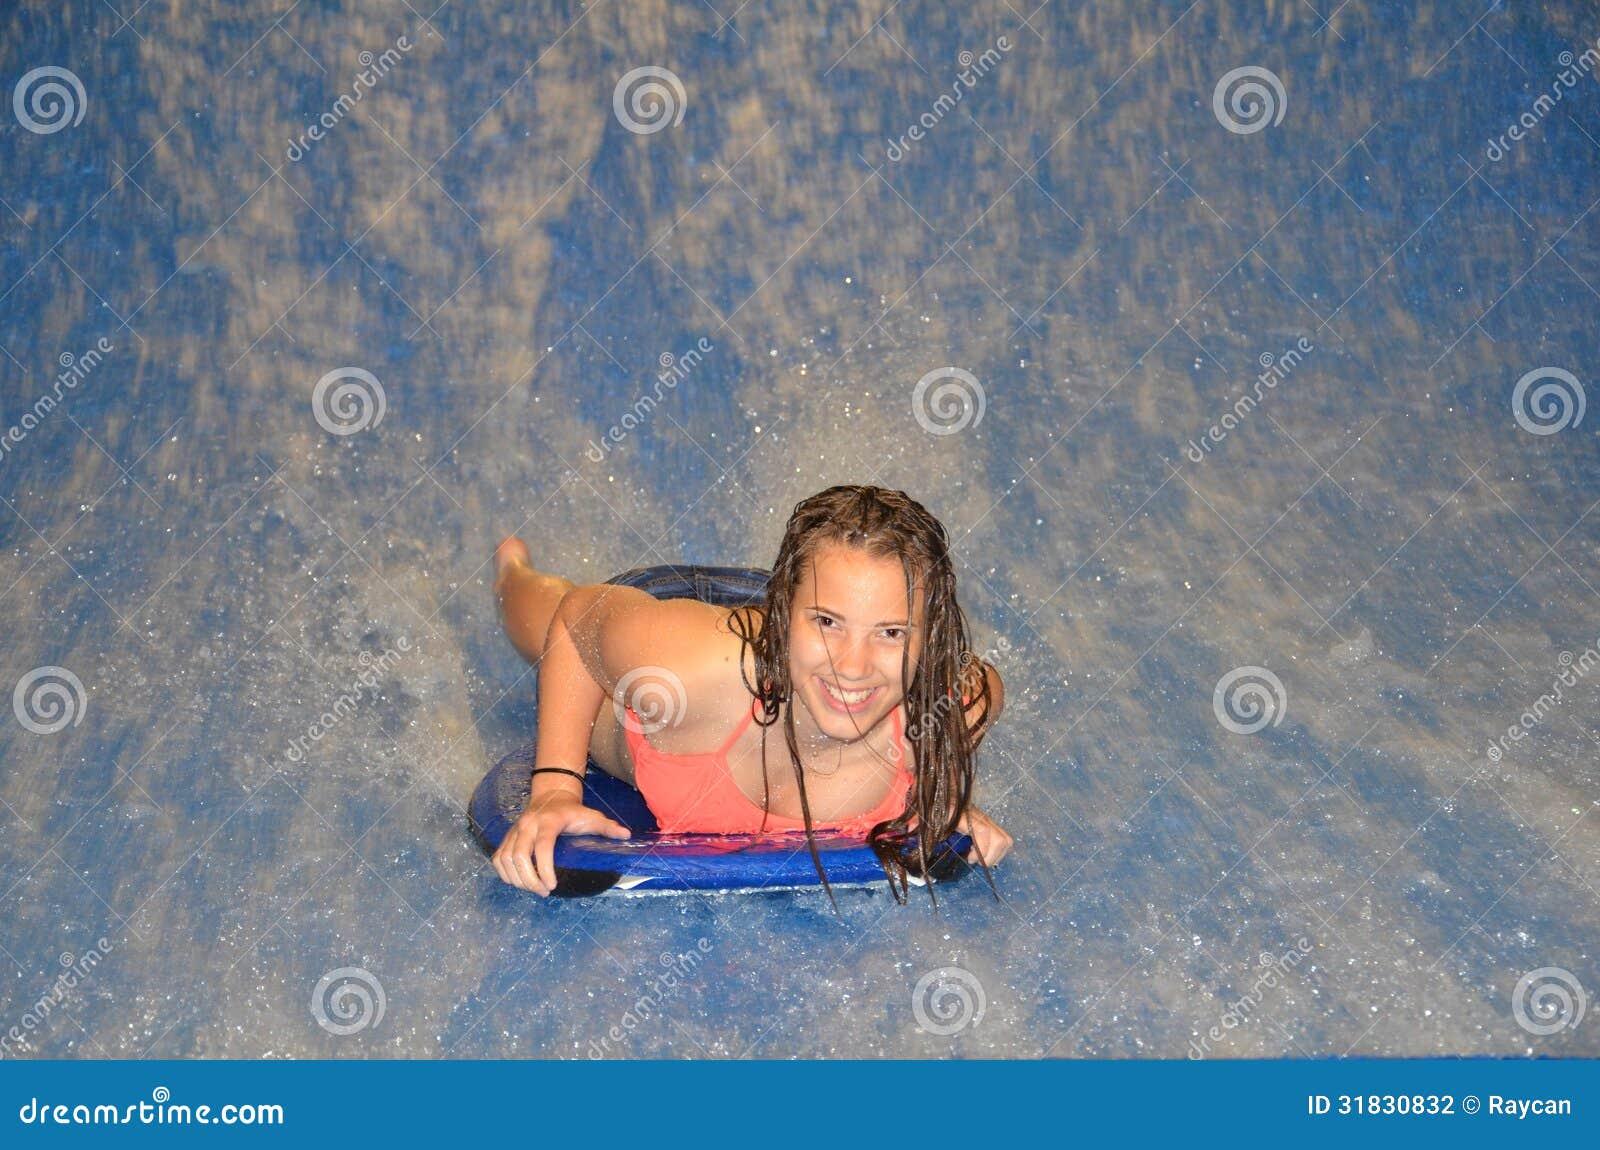 Indoor Water Boarding